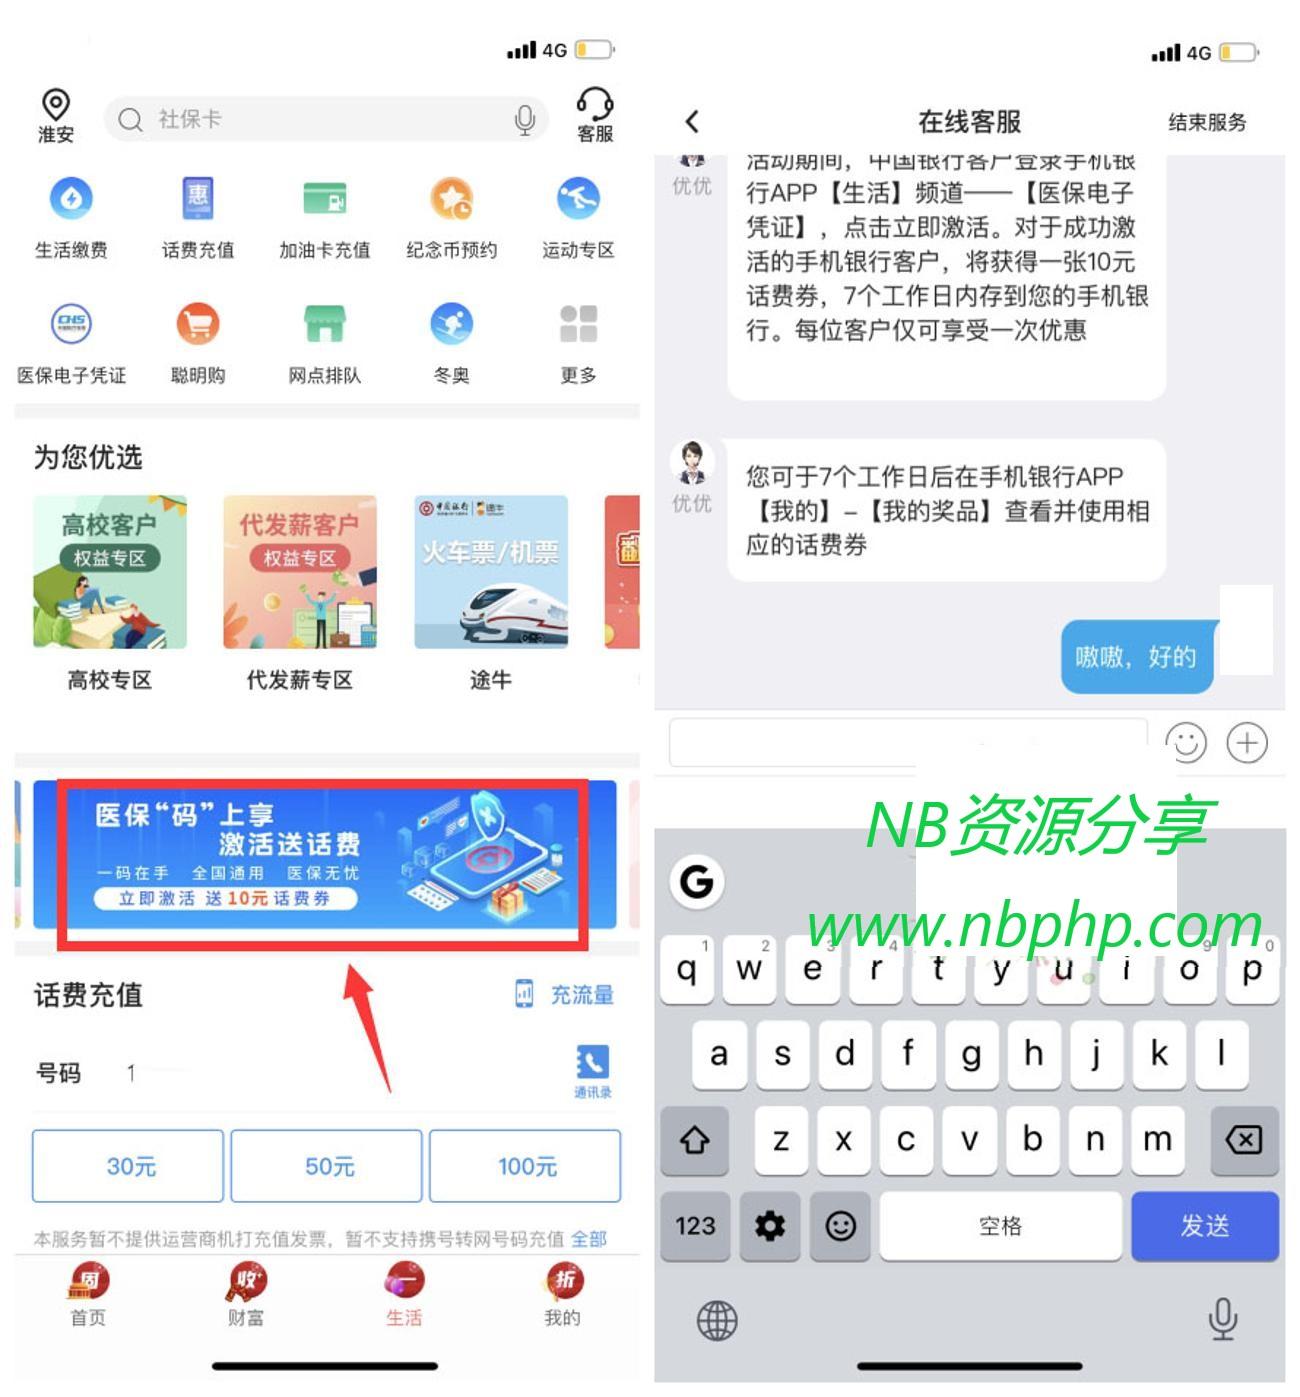 中国银行卡领取10元话费券